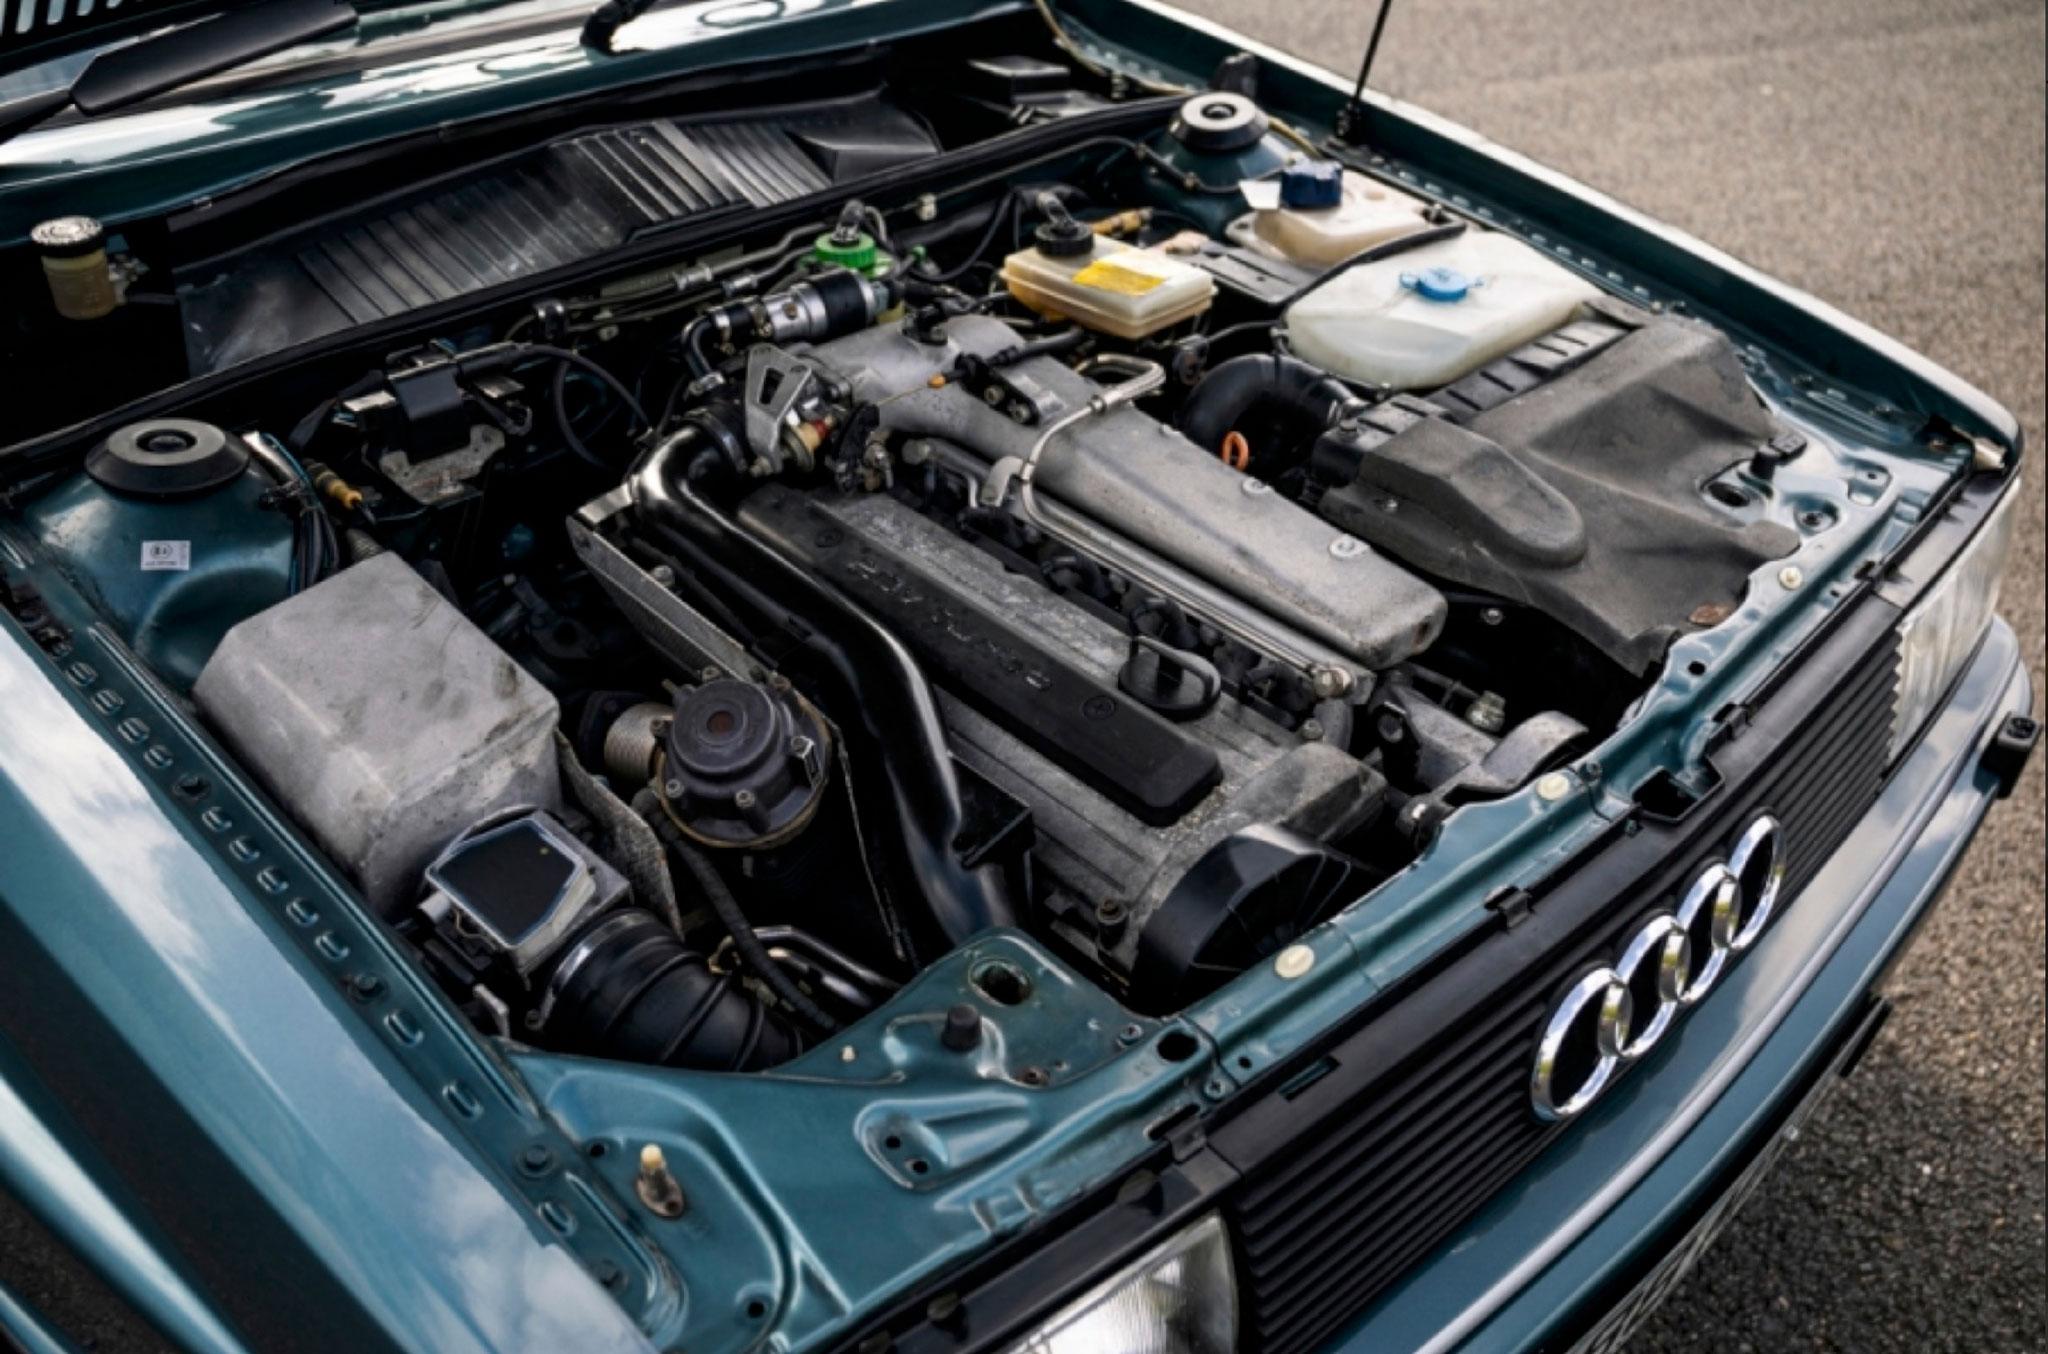 1990 Audi Quattro 20V moteur 2.2-Litre 20V 220 chevaux - Classic Car Auctions mars 2021.